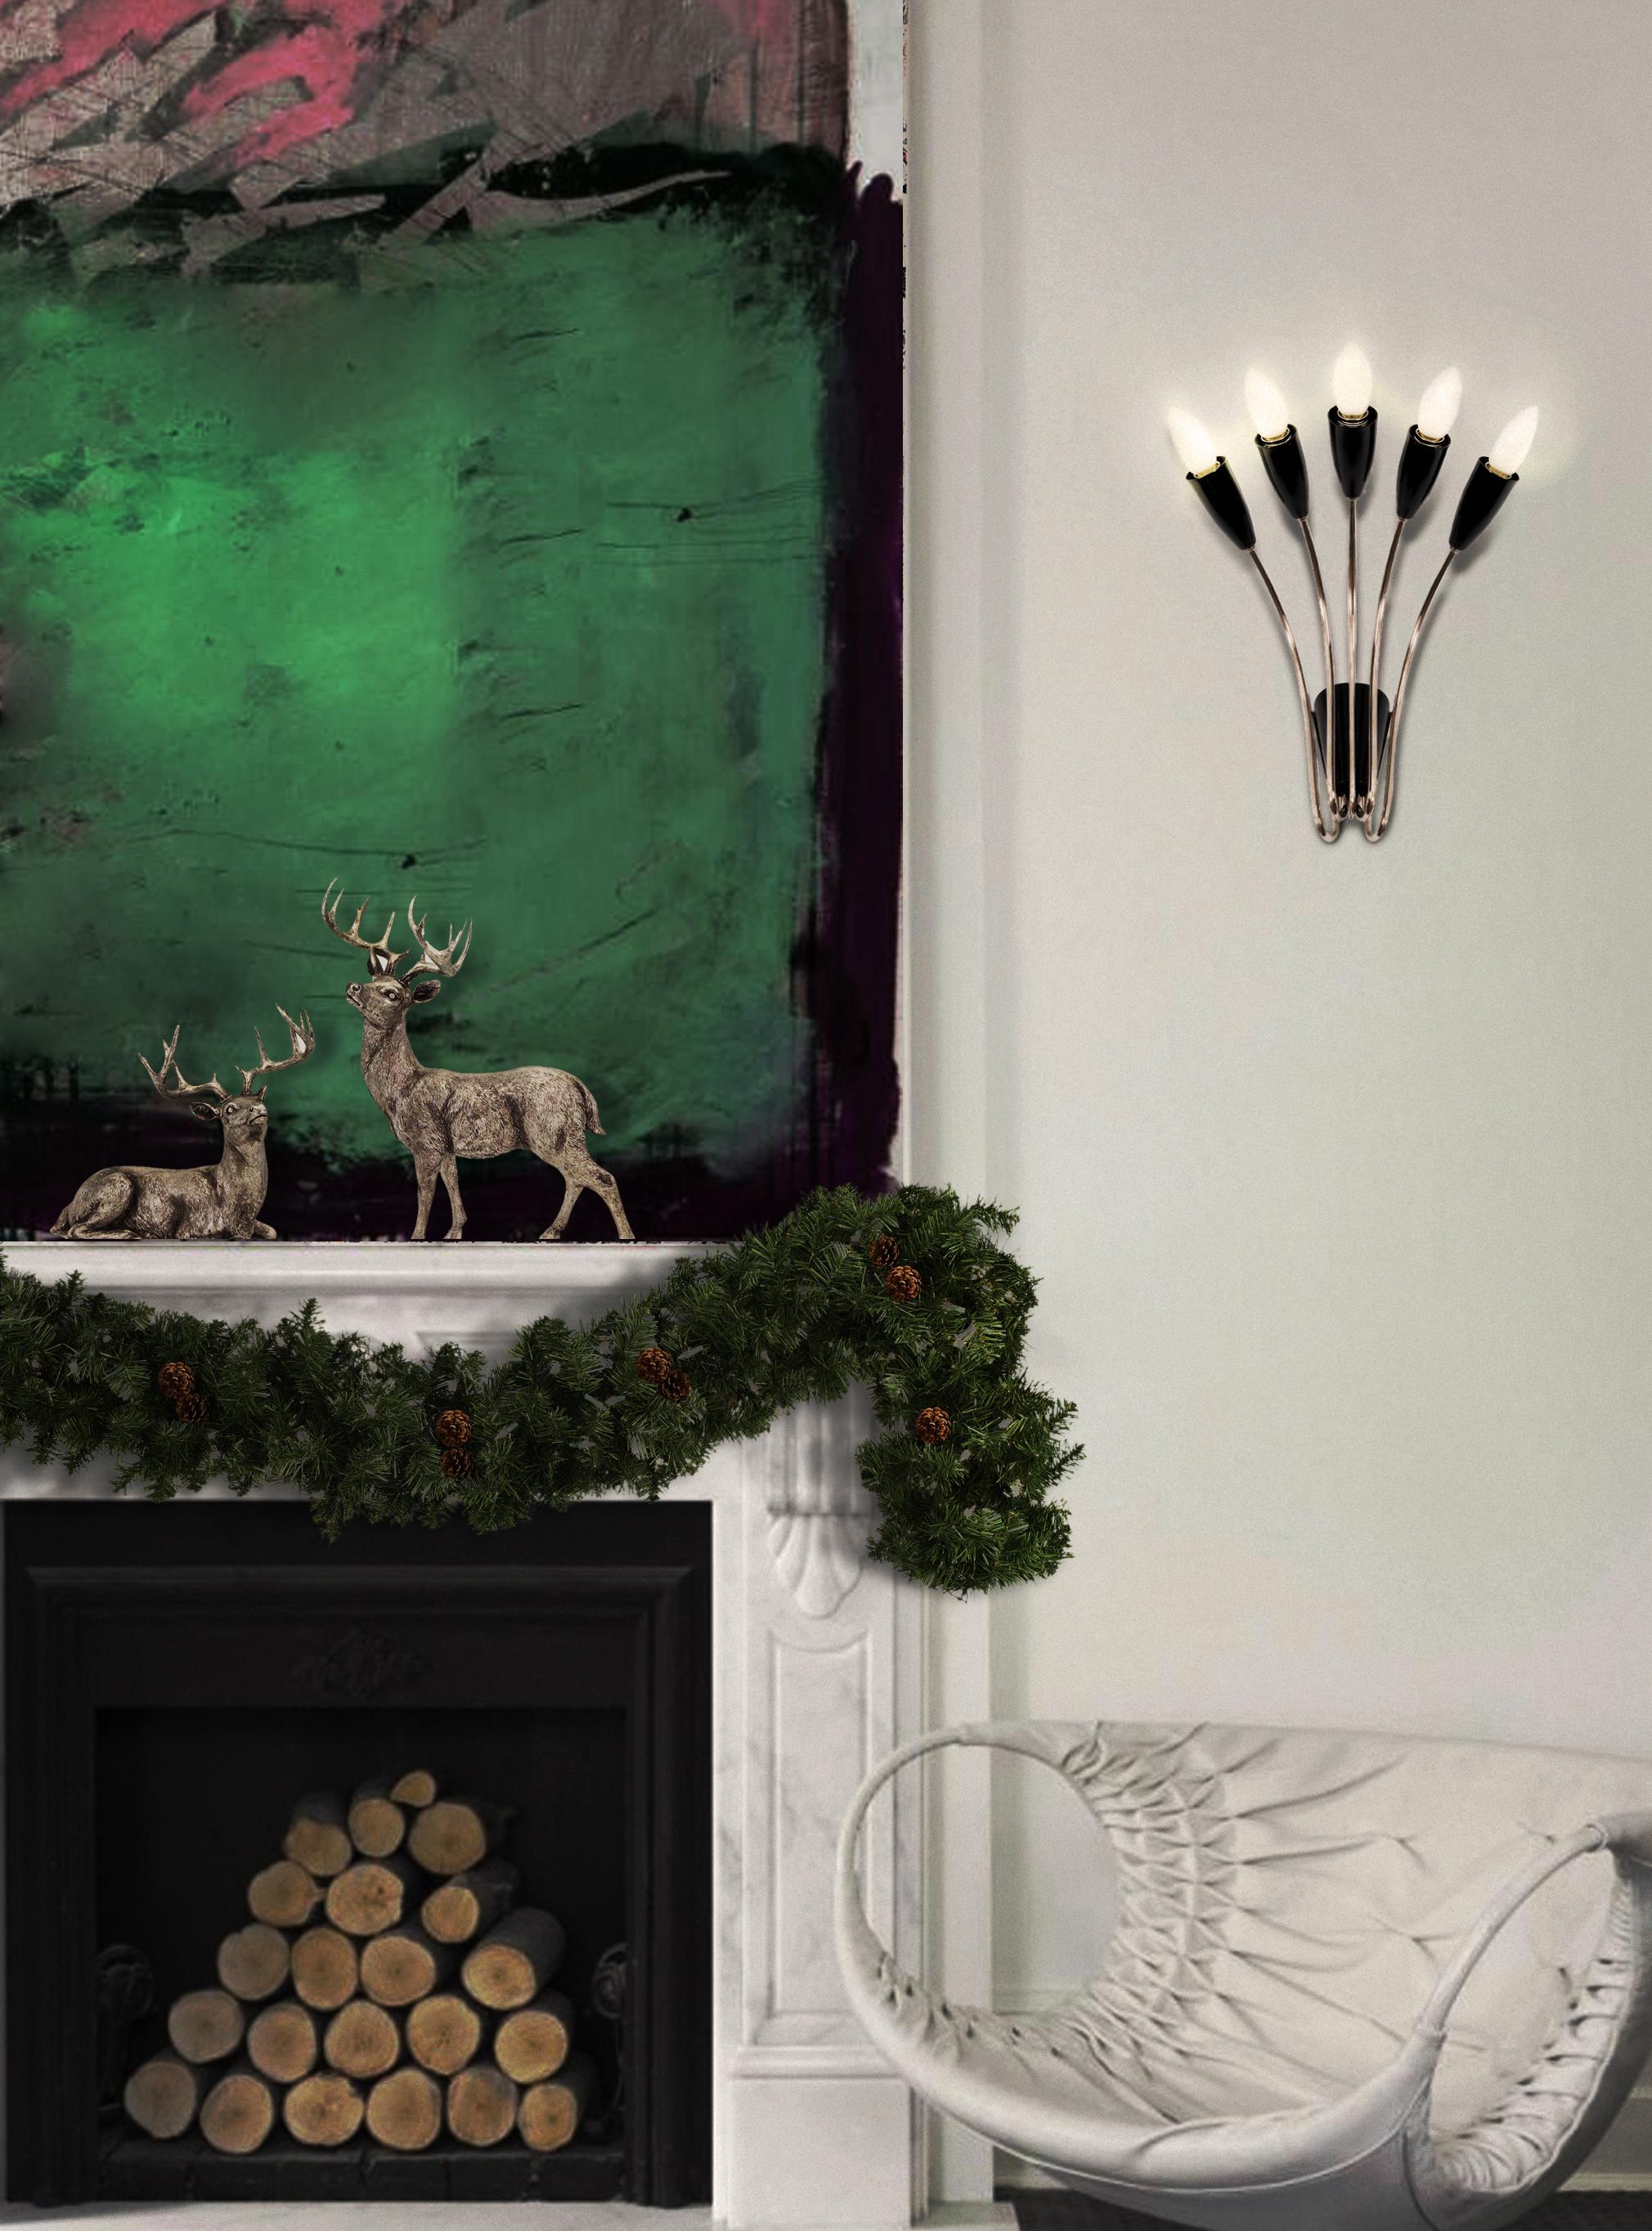 Подарки  Подарки Подарки к Новому Году: Лучшие идеи! norah wall ambience 01 christmas HR 1